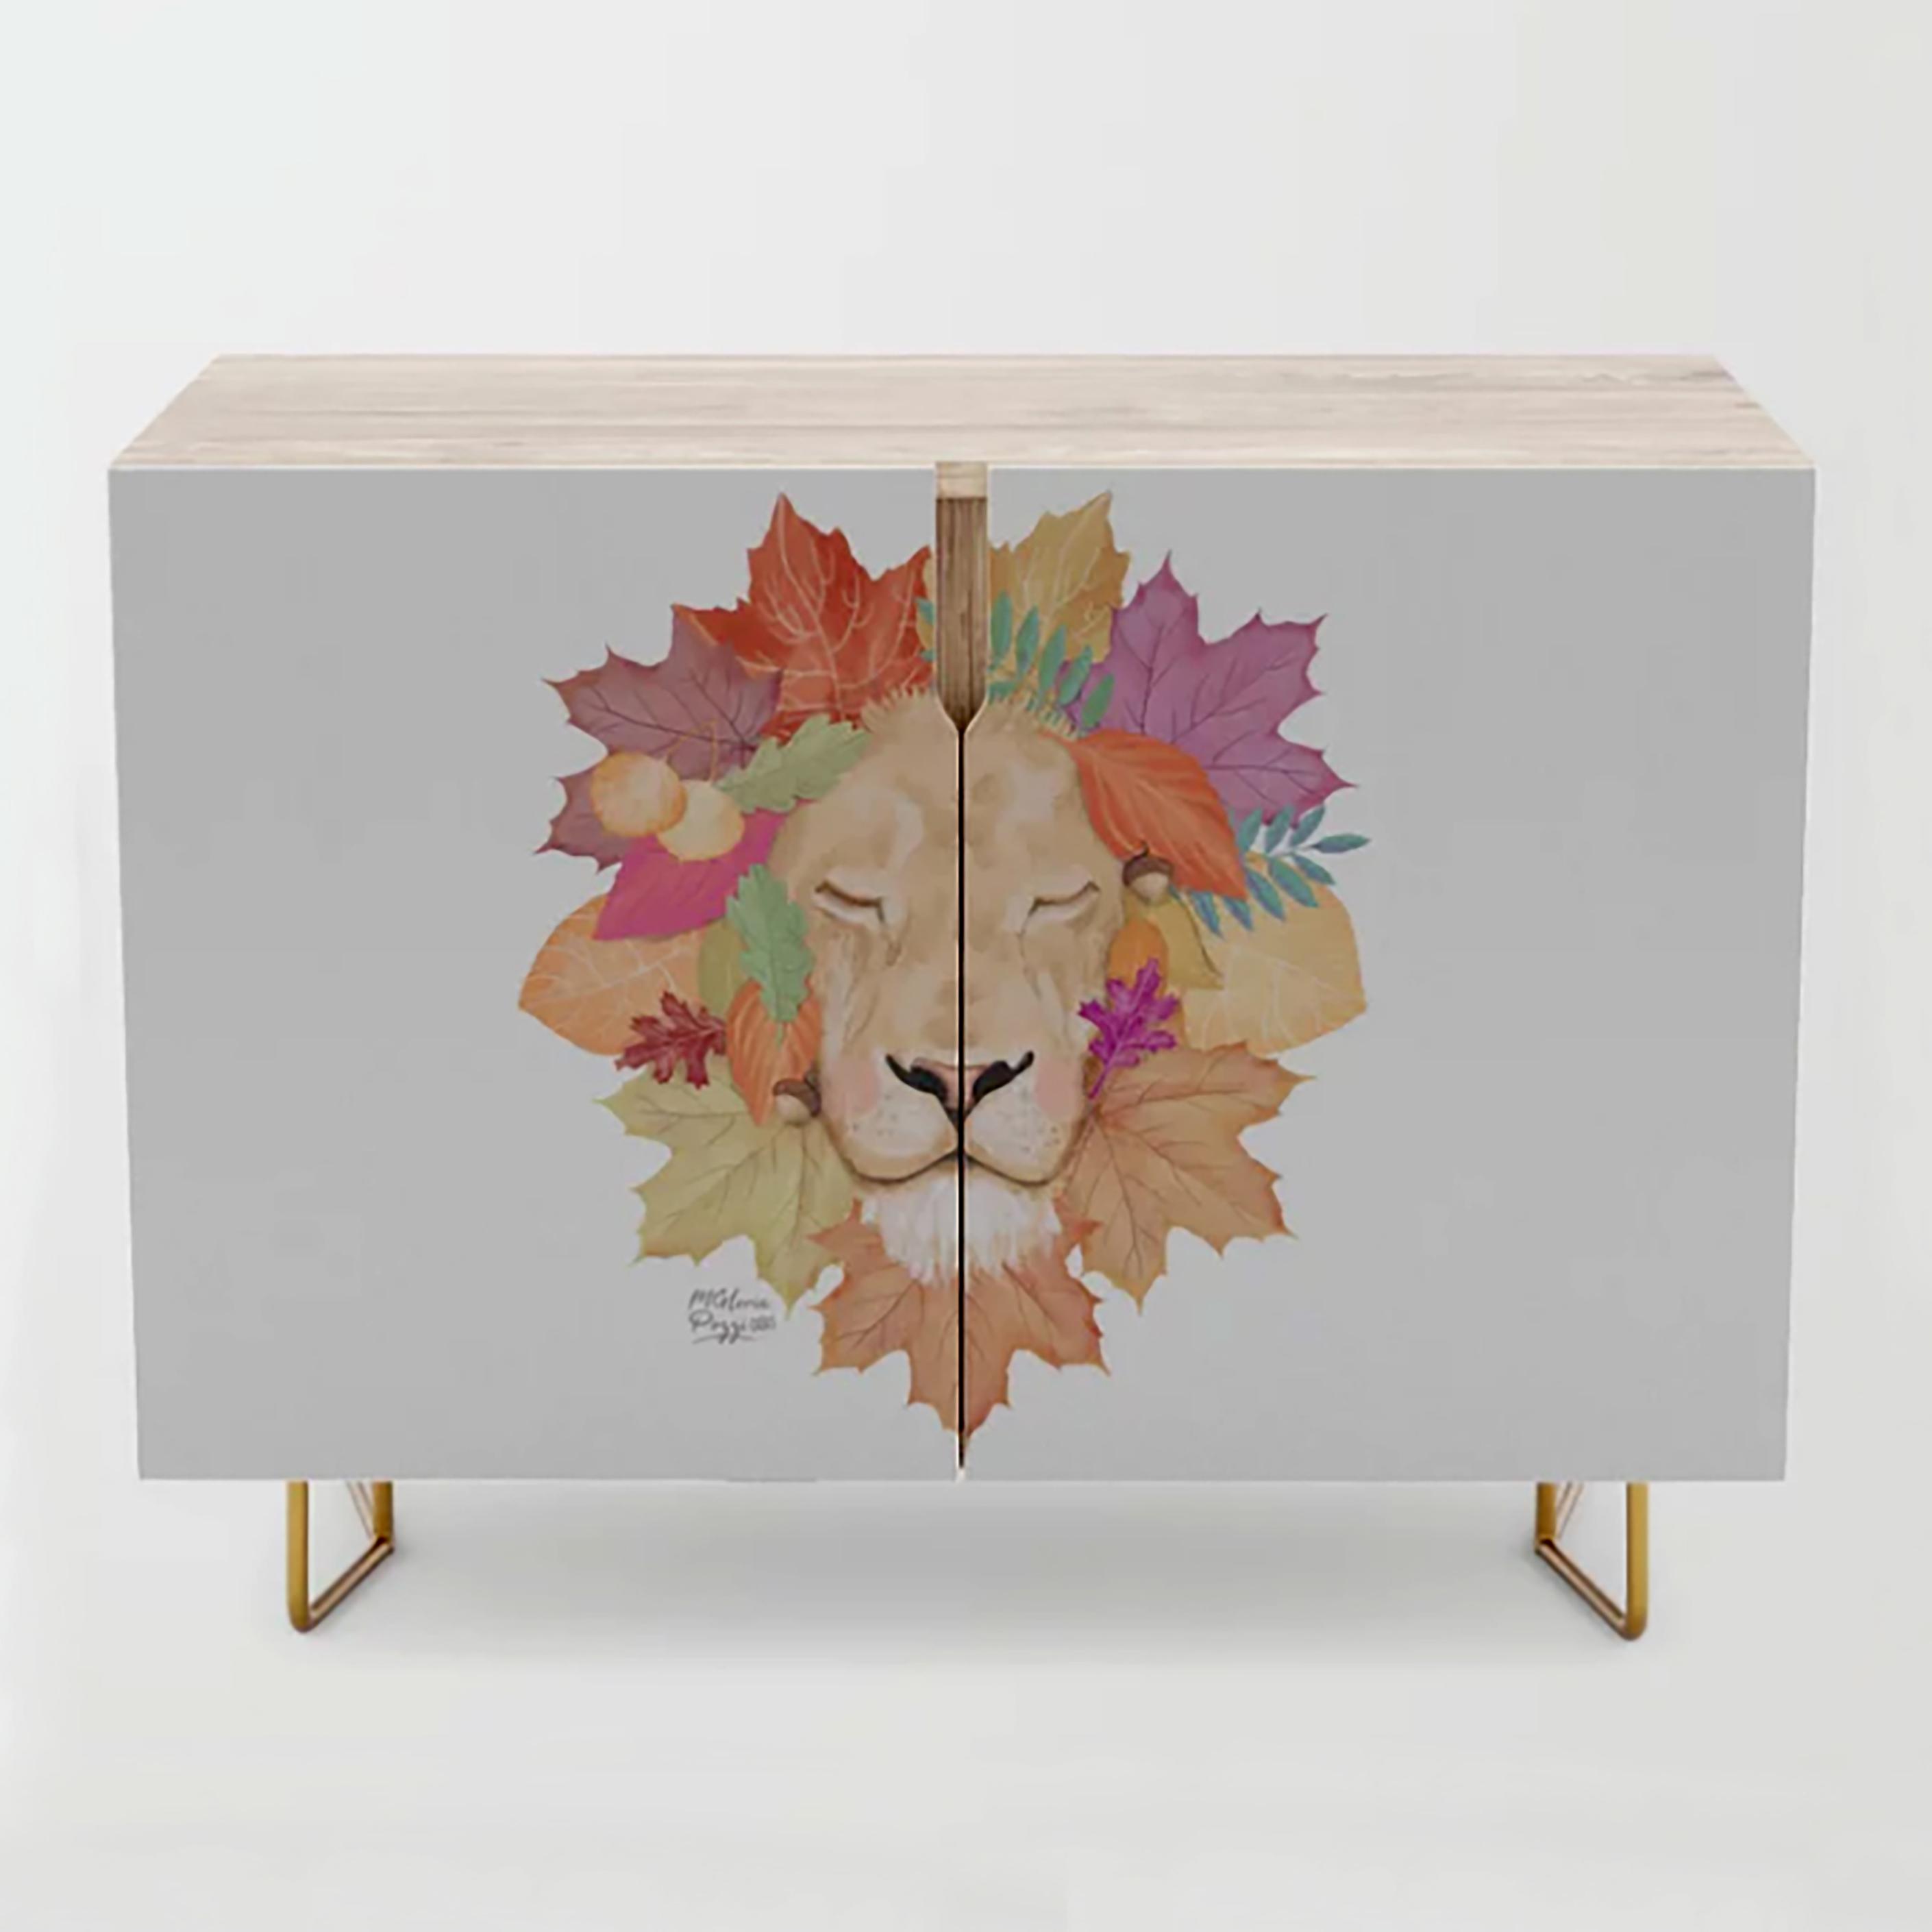 credenzas_lion